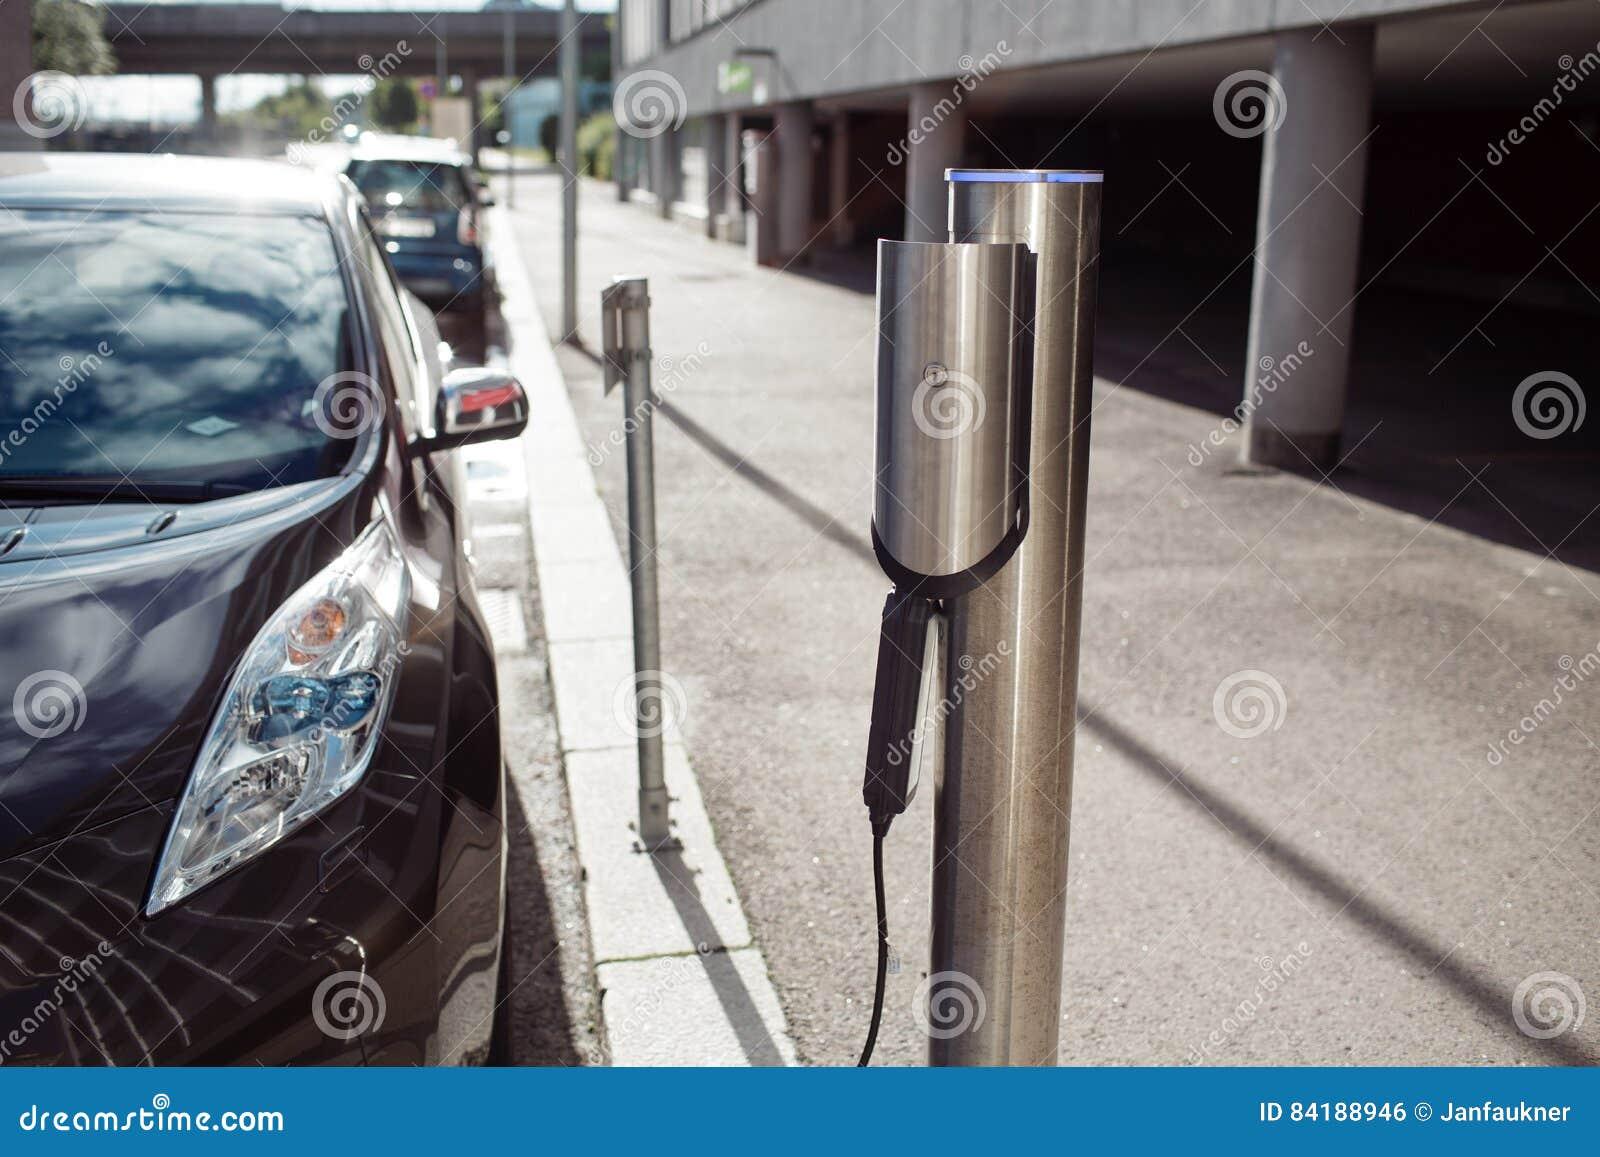 Voorkant van de energie van de autolading